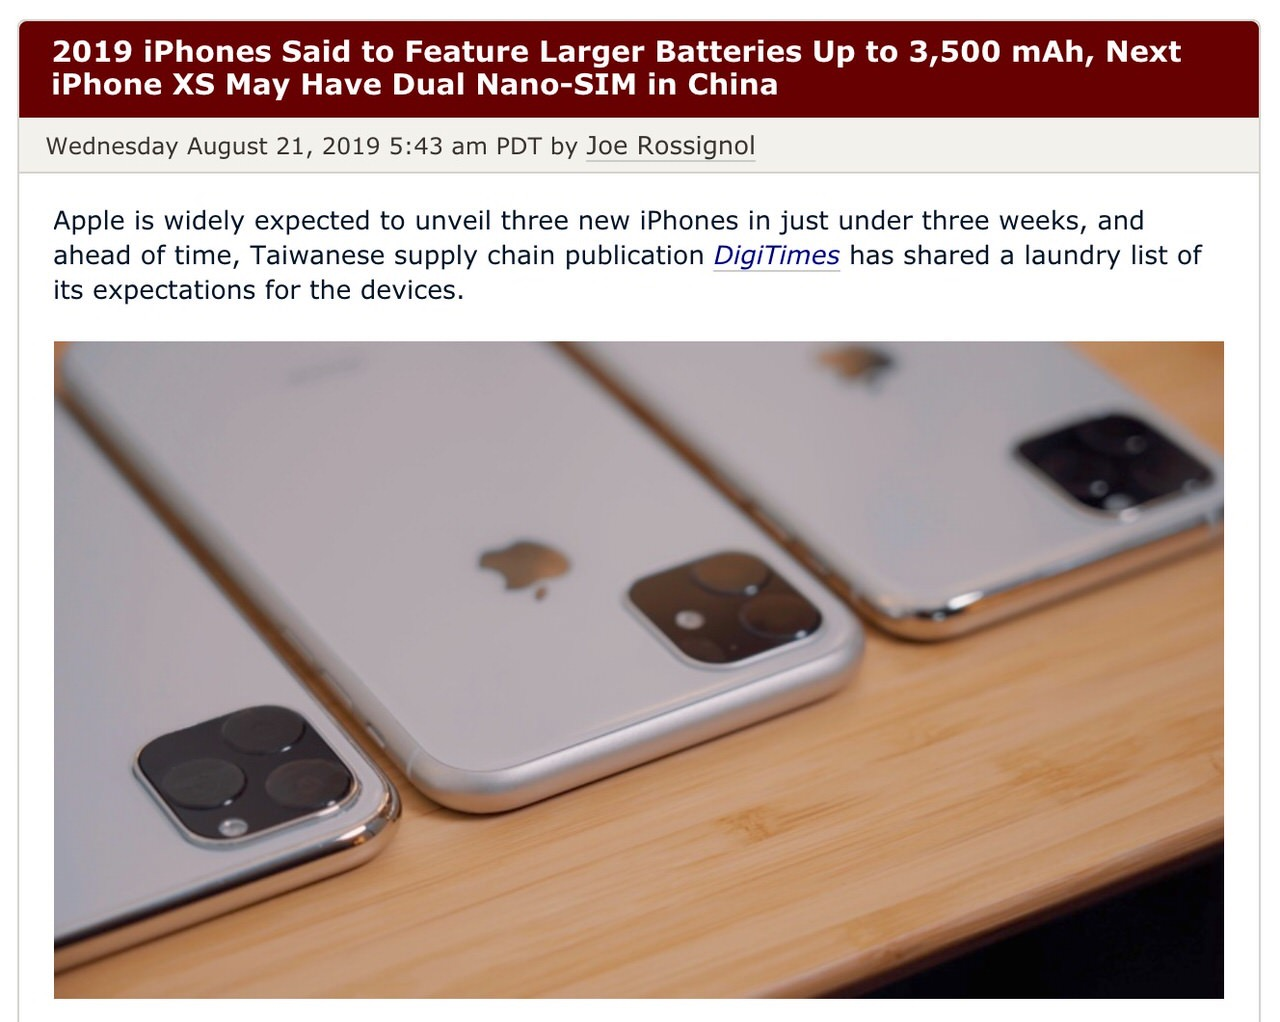 「iPhone 11」と言われる次期iPhoneはバッテリー容量が増える等スペックまとめ